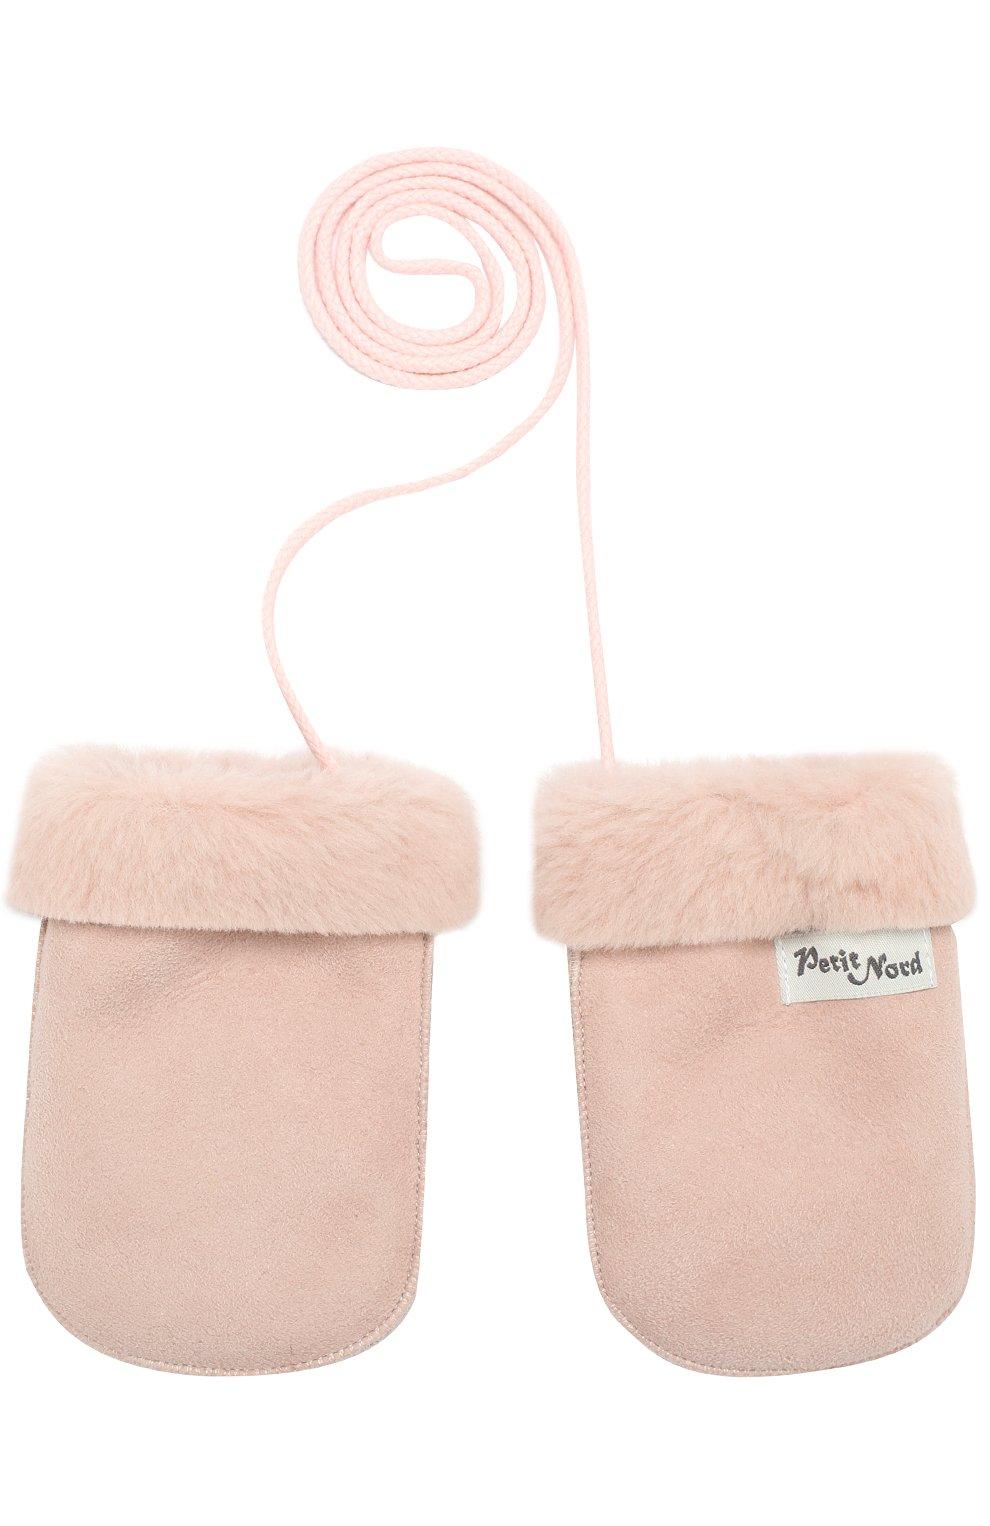 Детские кожаные варежки с отделкой мехом PETIT NORD розового цвета, арт. 2110   Фото 1